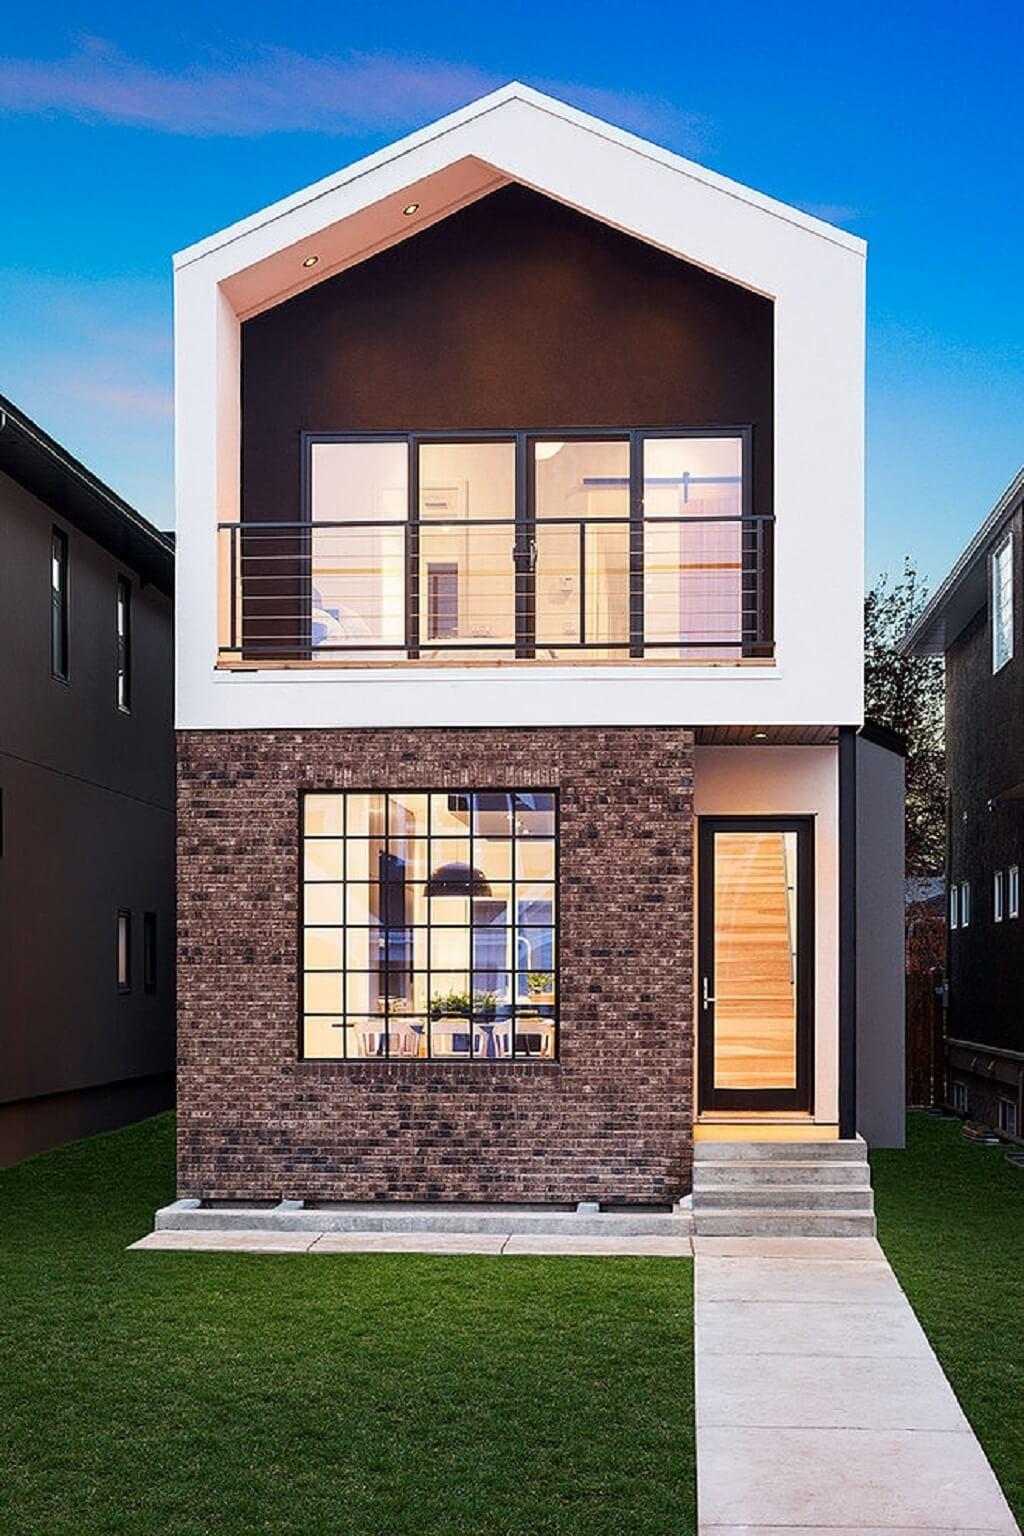 desain fasad rumah yang sederhana